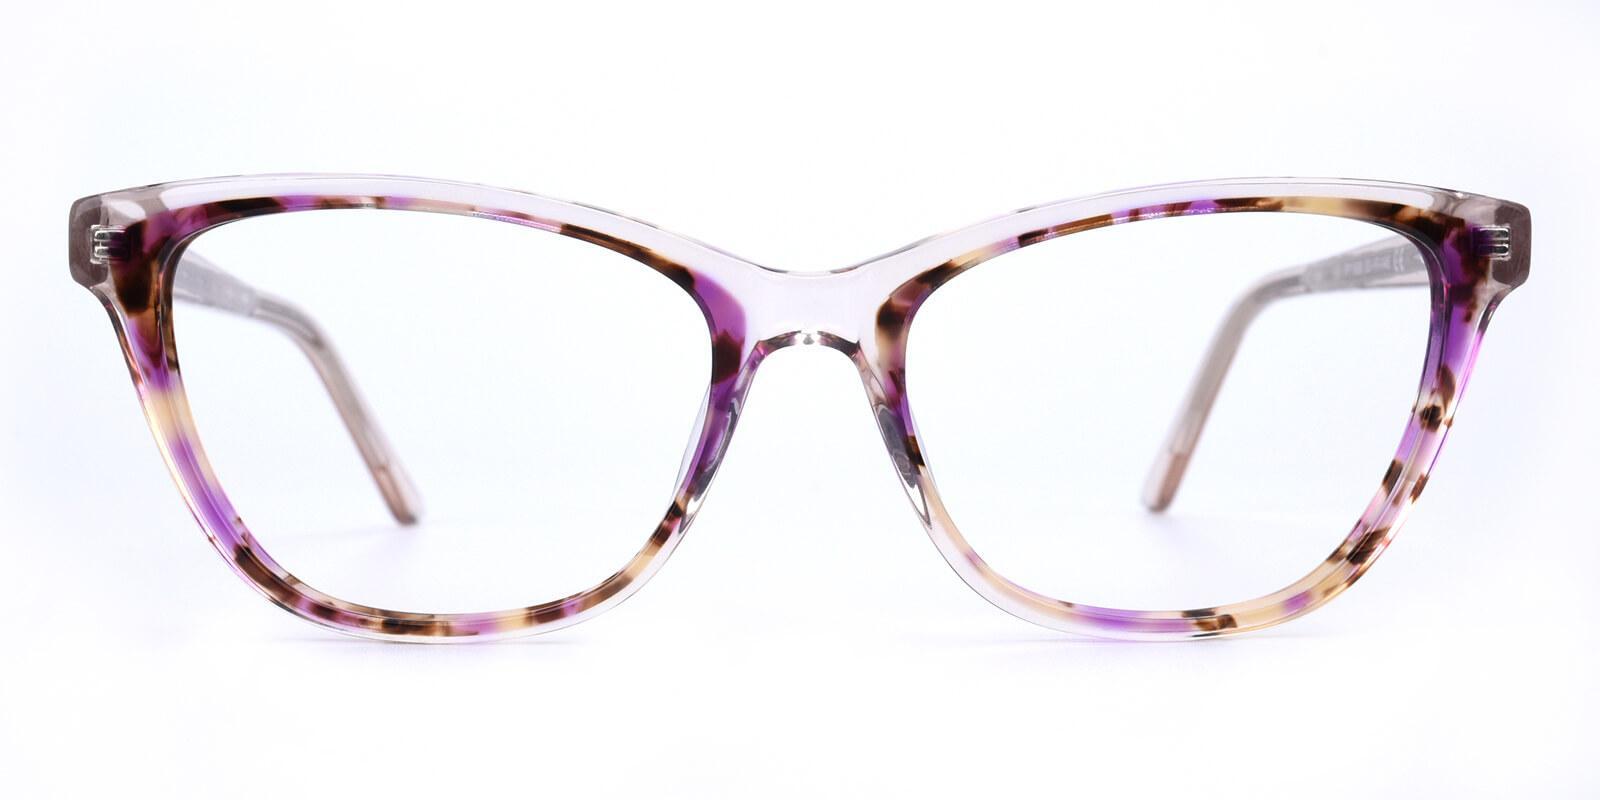 Evangeline-Purple-Cat-Acetate-Eyeglasses-additional2